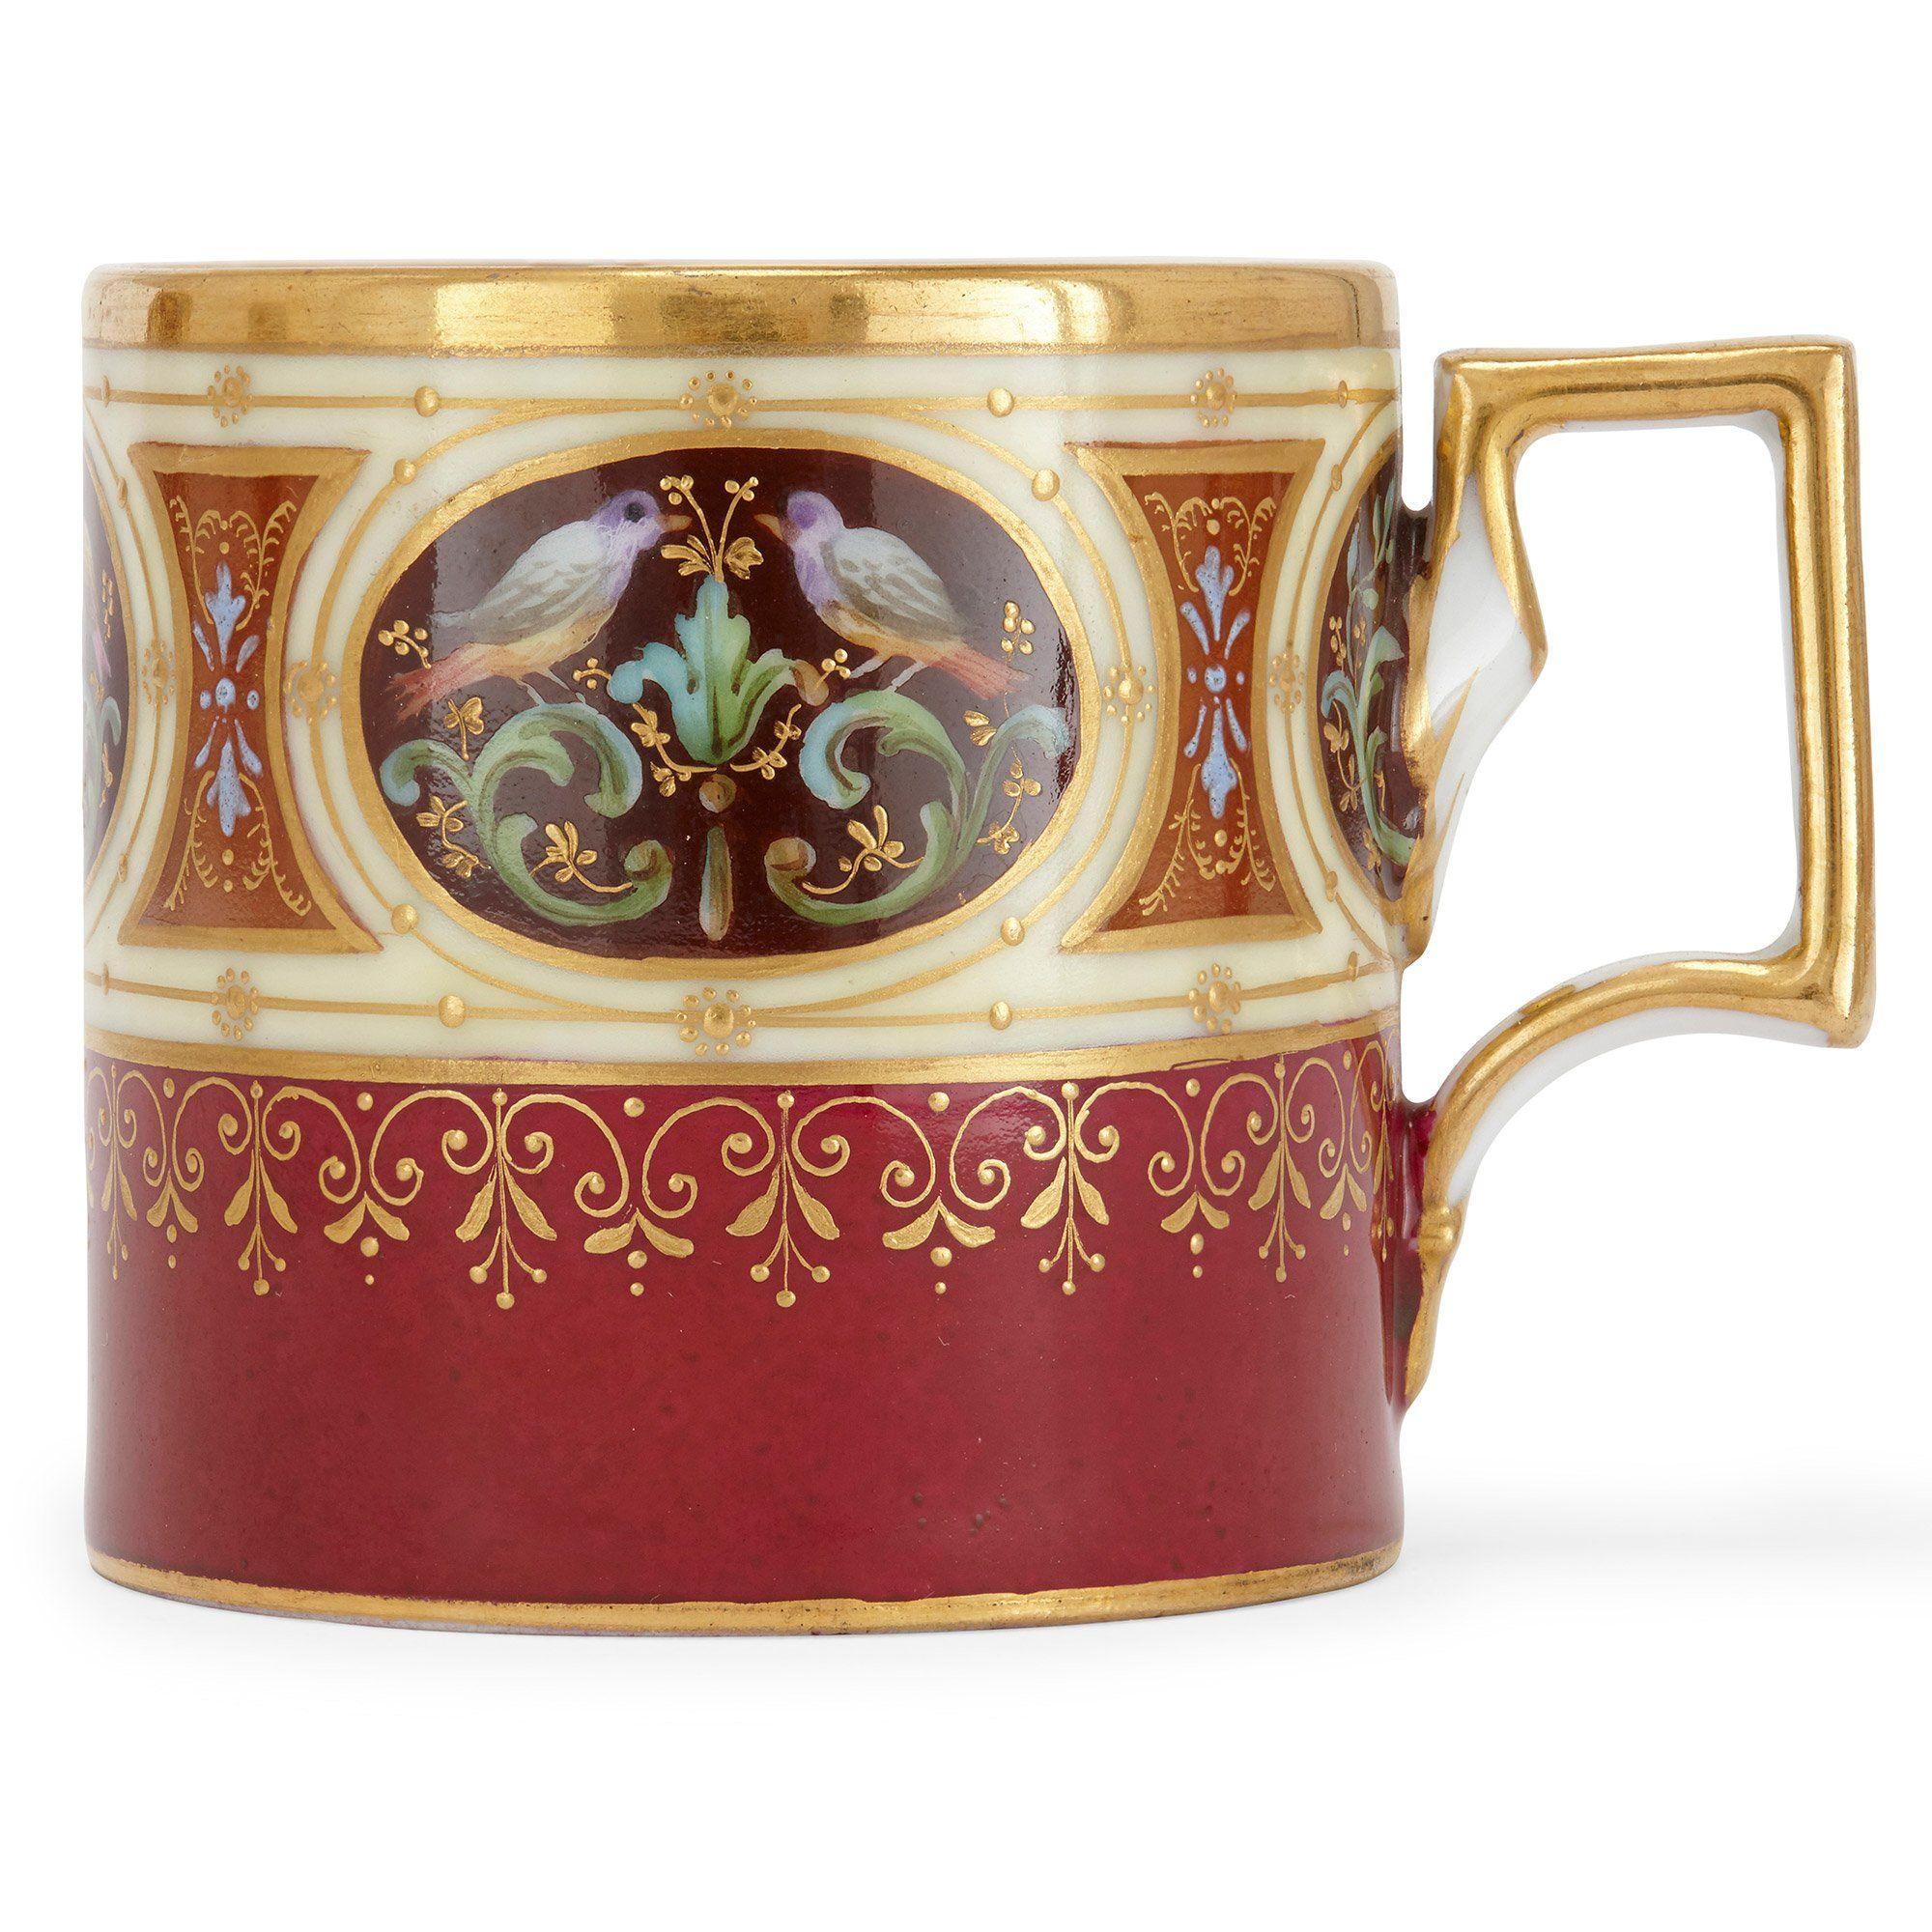 Royal Vienna porcelain antique twentyfive piece service